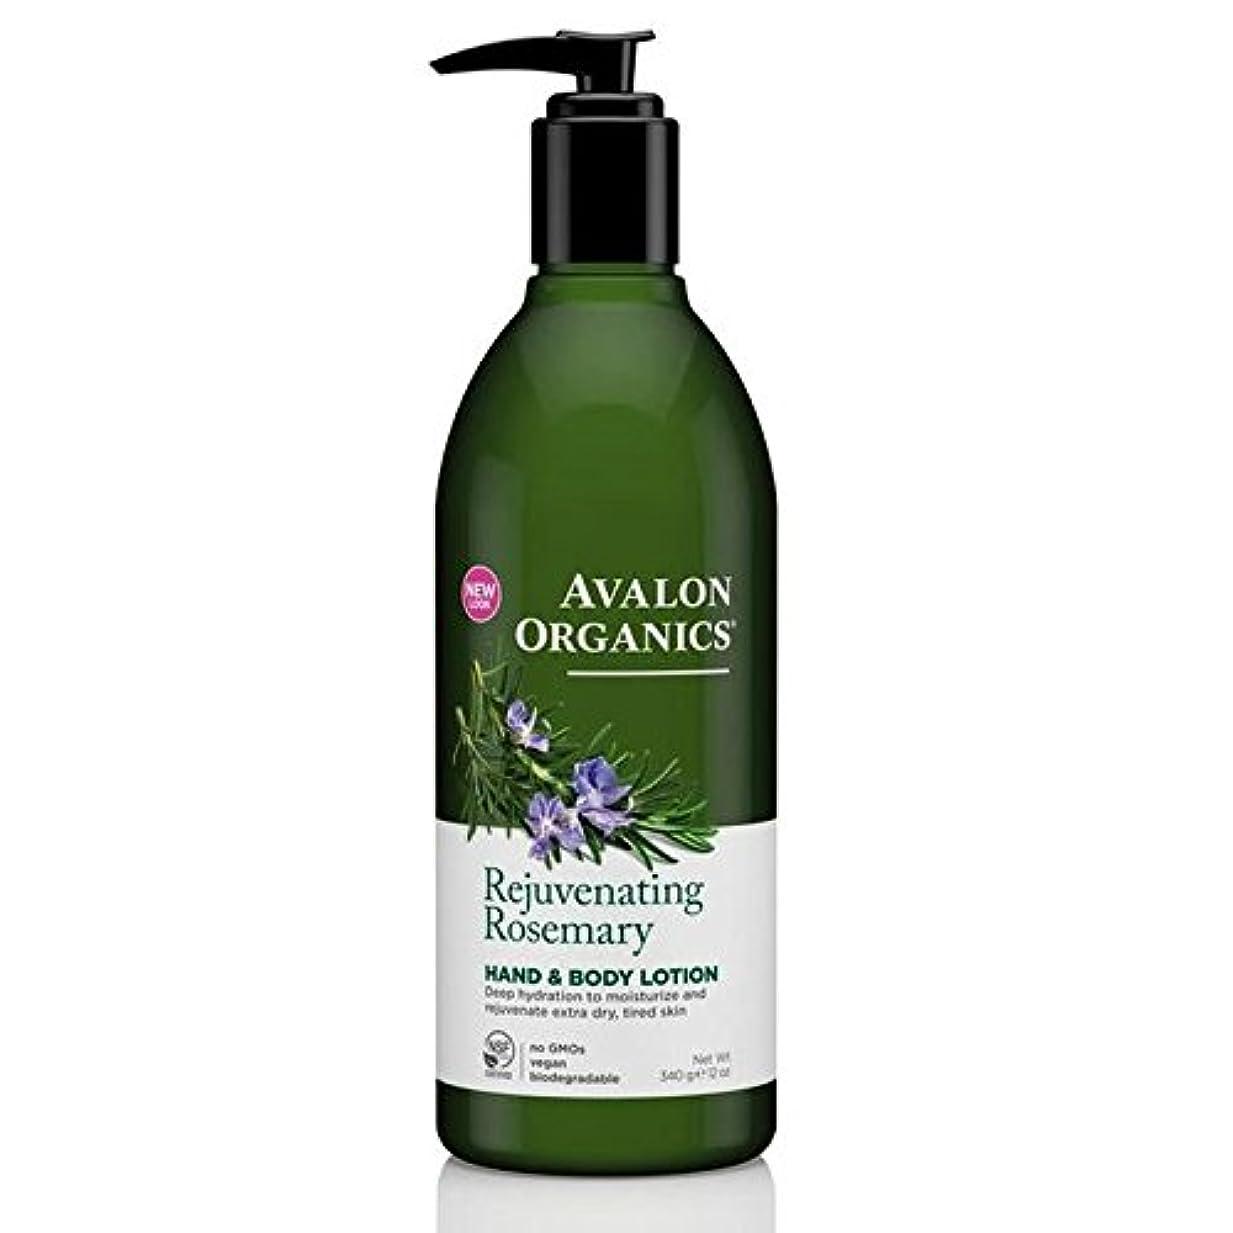 Avalon Organics Rosemary Hand & Body Lotion 340g - (Avalon) ローズマリーハンド&ボディローション340グラム [並行輸入品]